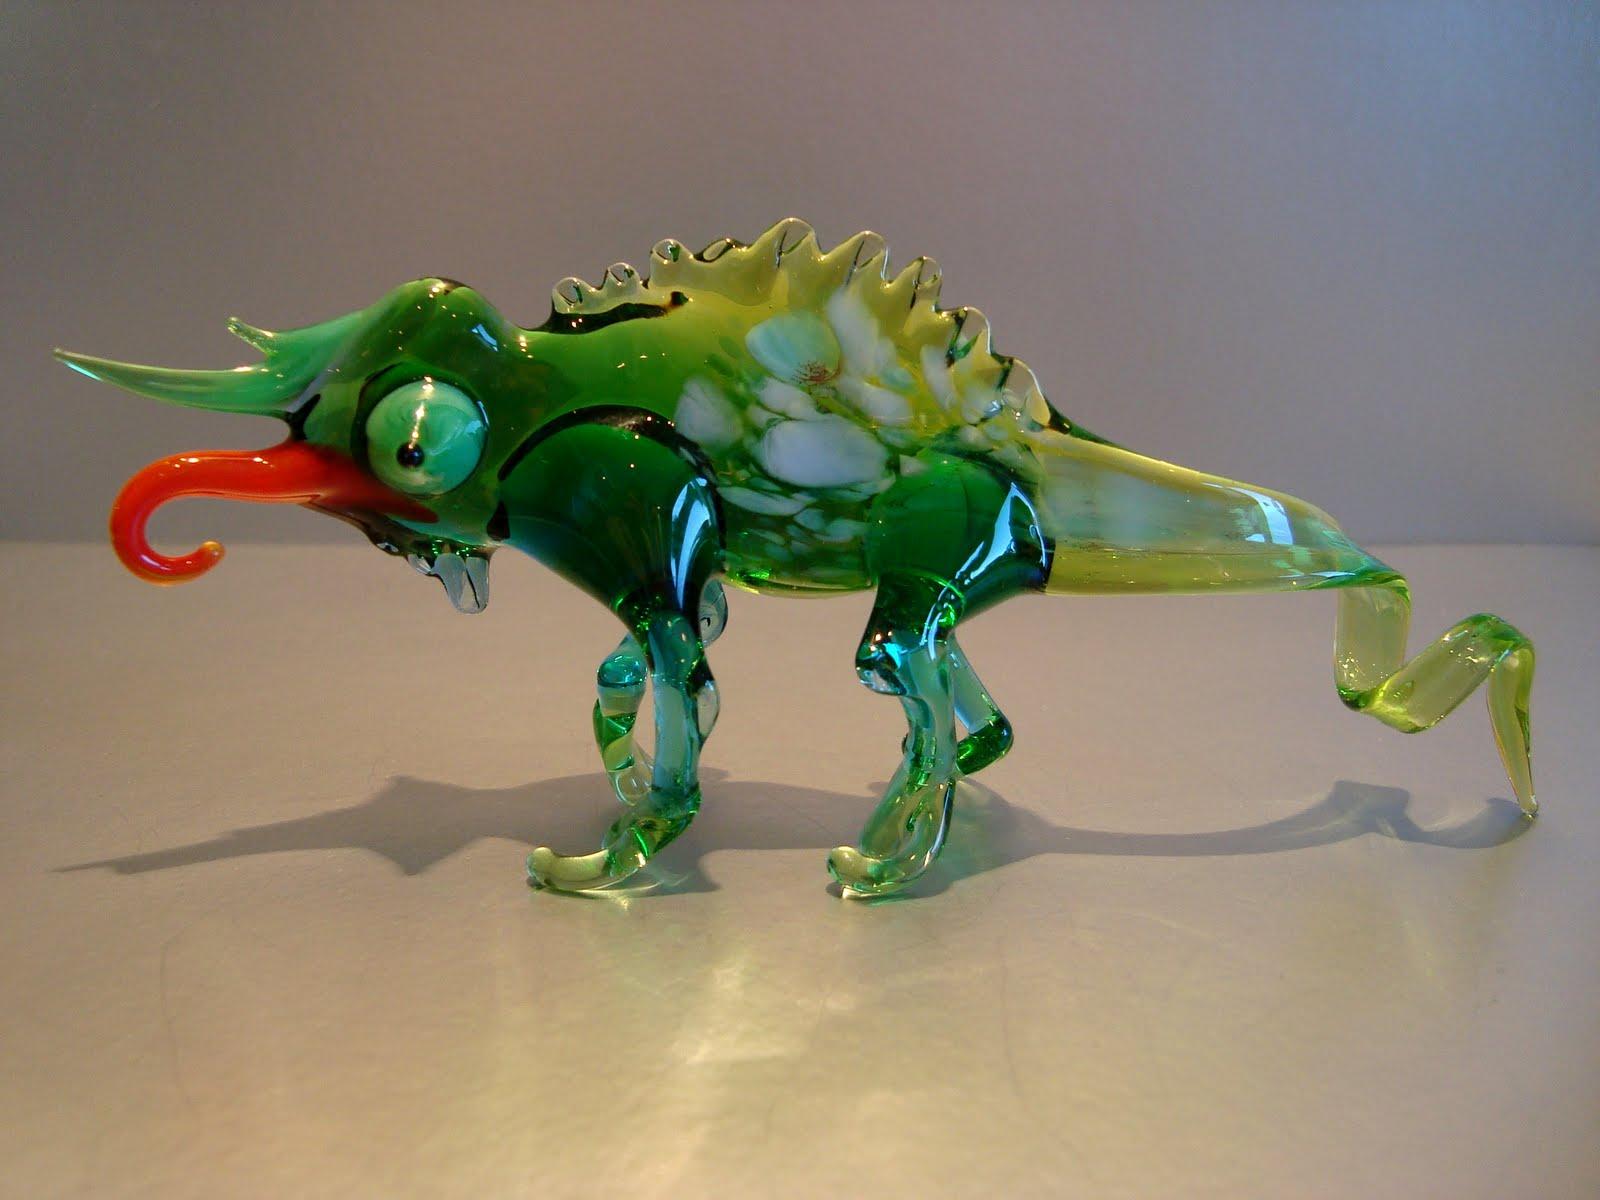 Grants glass - изделия и игрушки из стекла: Скорпионы, лягушки, жуки, крабы, ящерицы, пауки, жуки